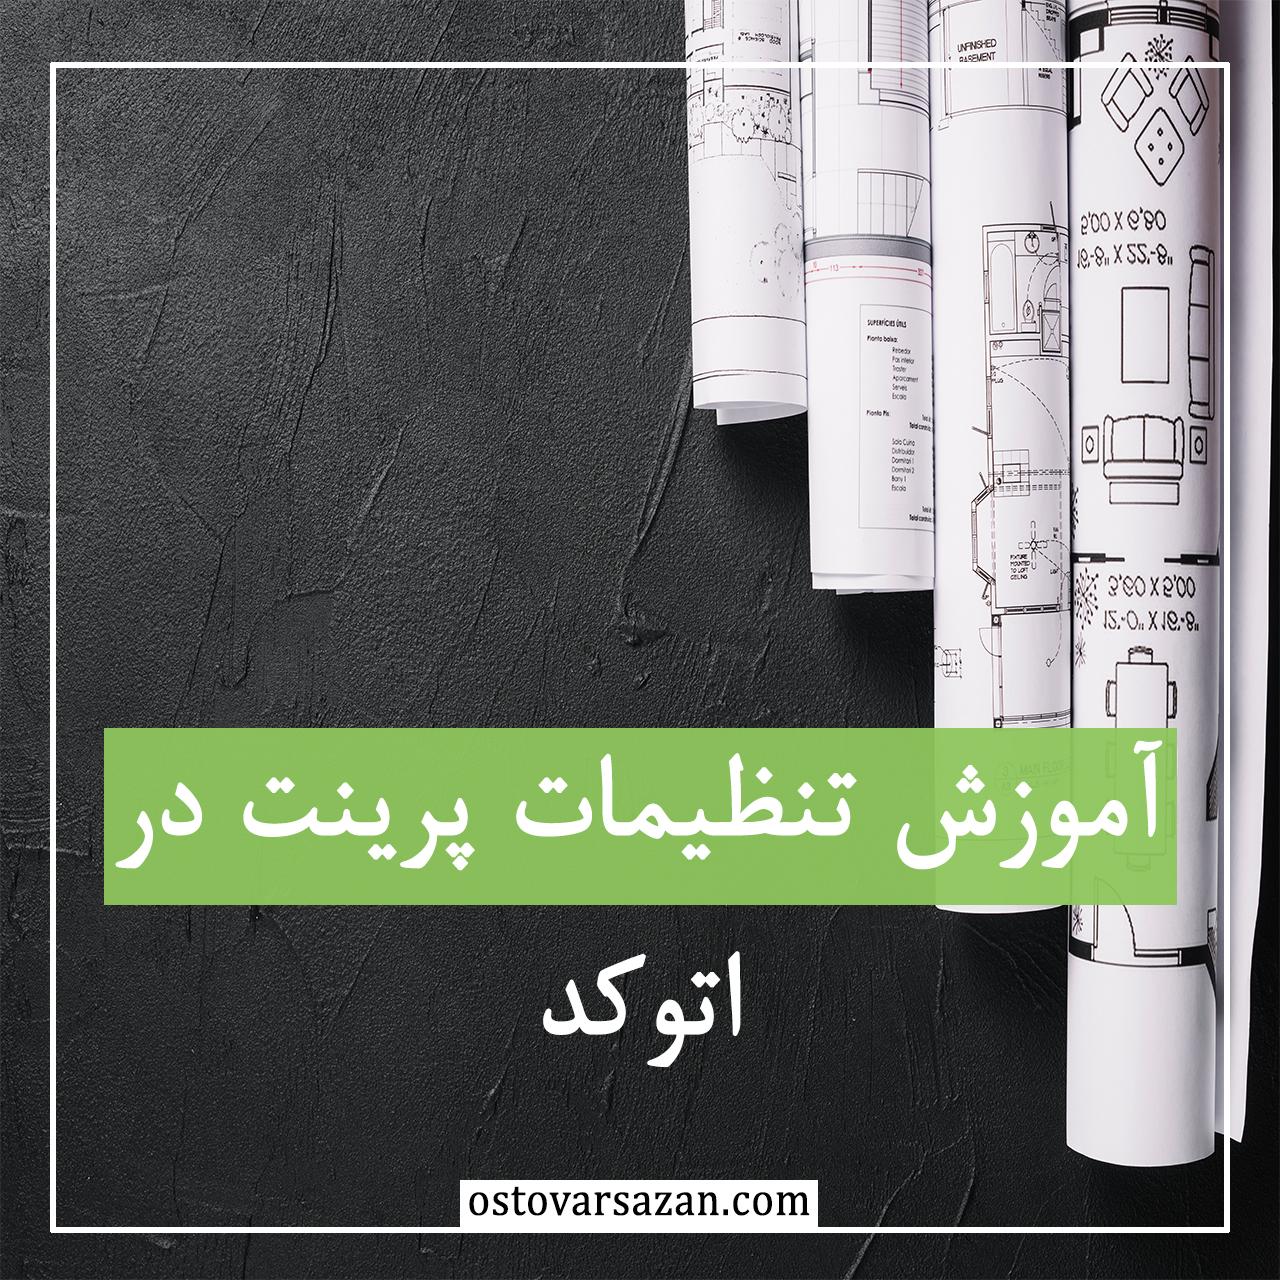 چاپ نقشه در اتوکد